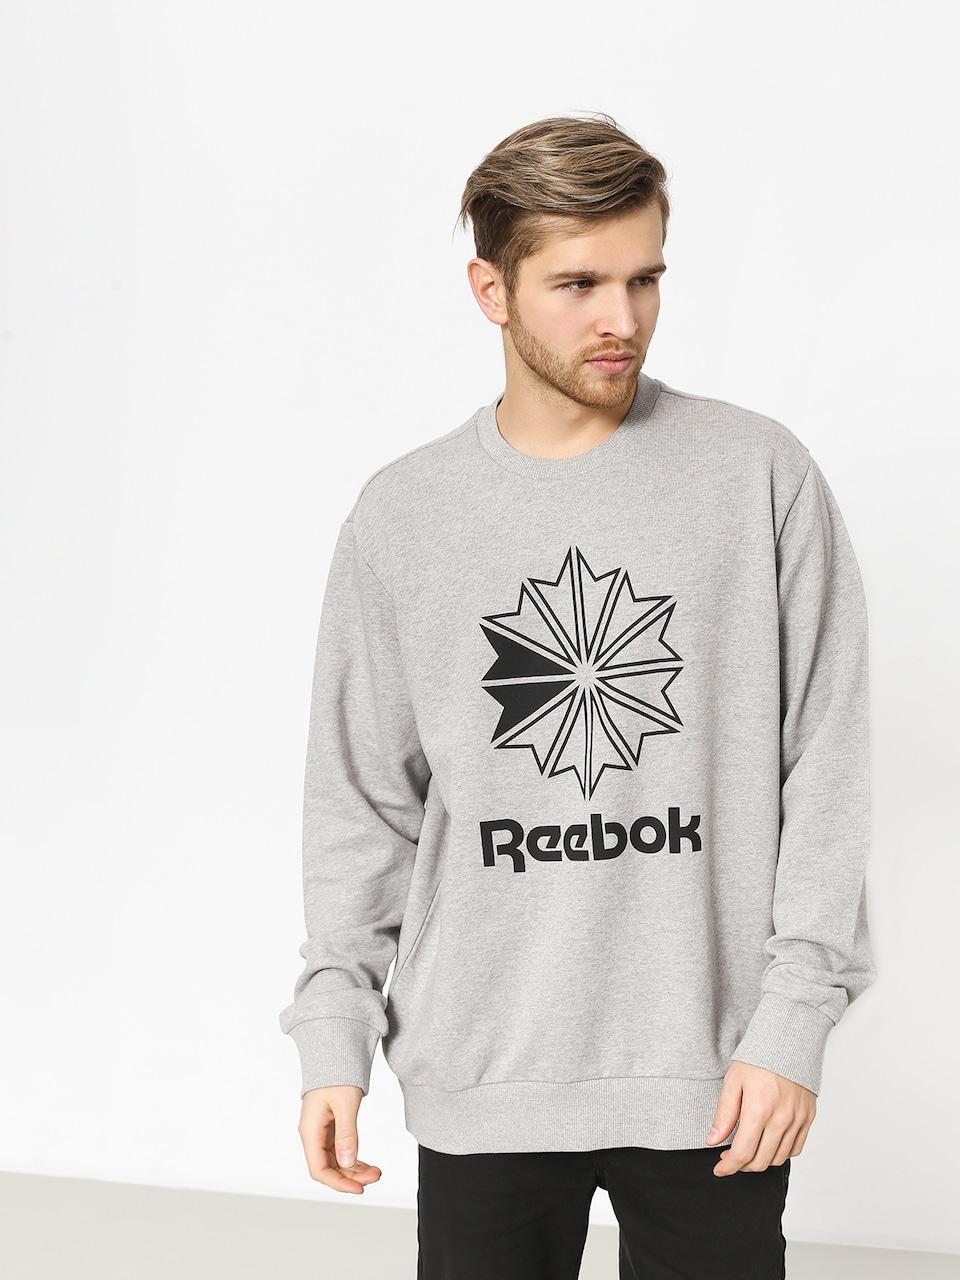 Reebok: sneakersy, bluzy, t shirty | SUPERSKLEP